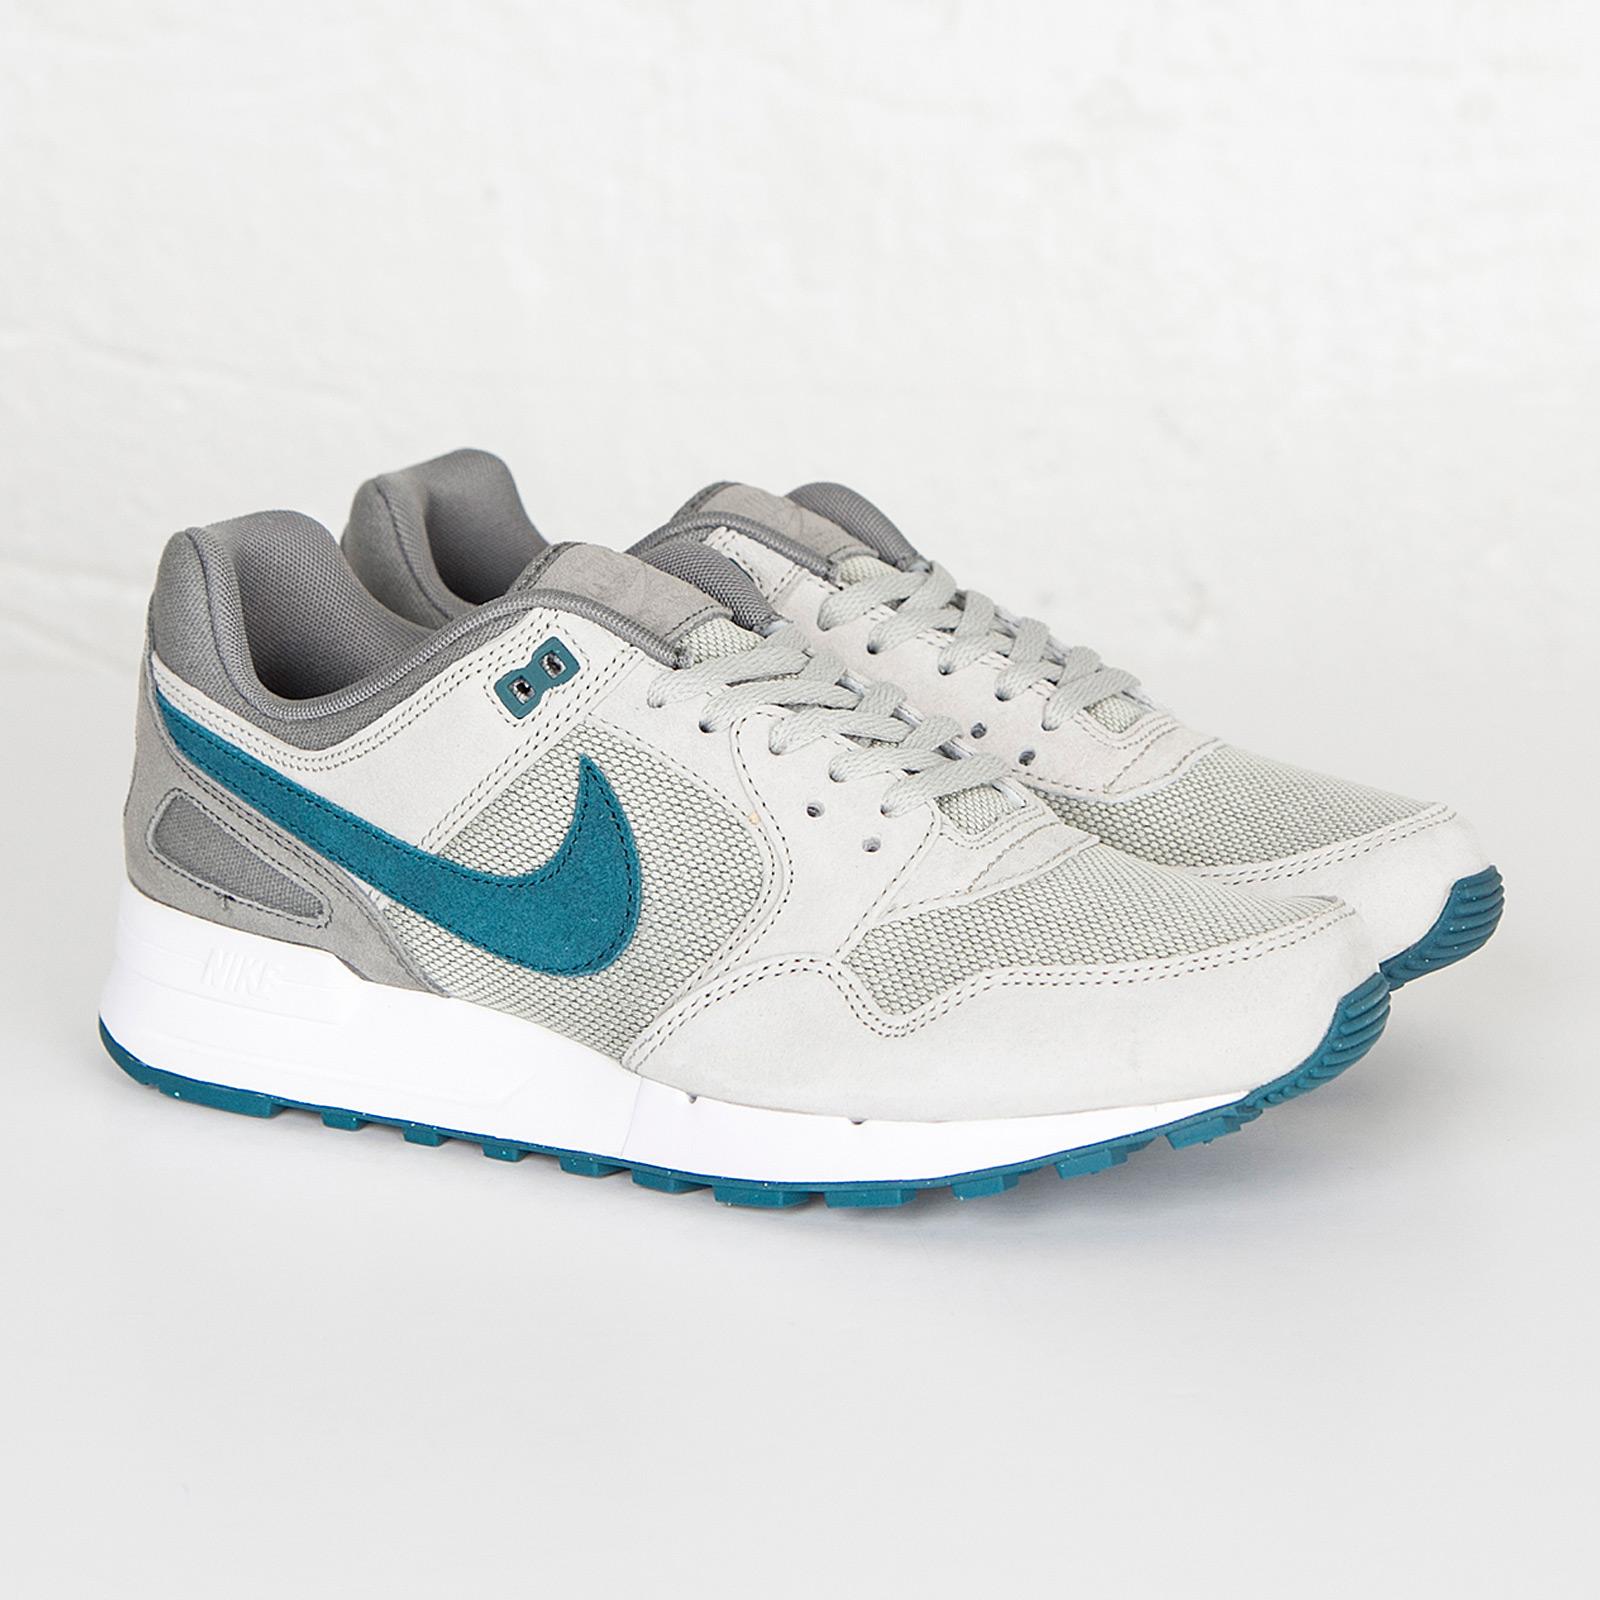 5f8b2992644ac Nike Air Pegasus 89 Premium - 724269-030 - Sneakersnstuff